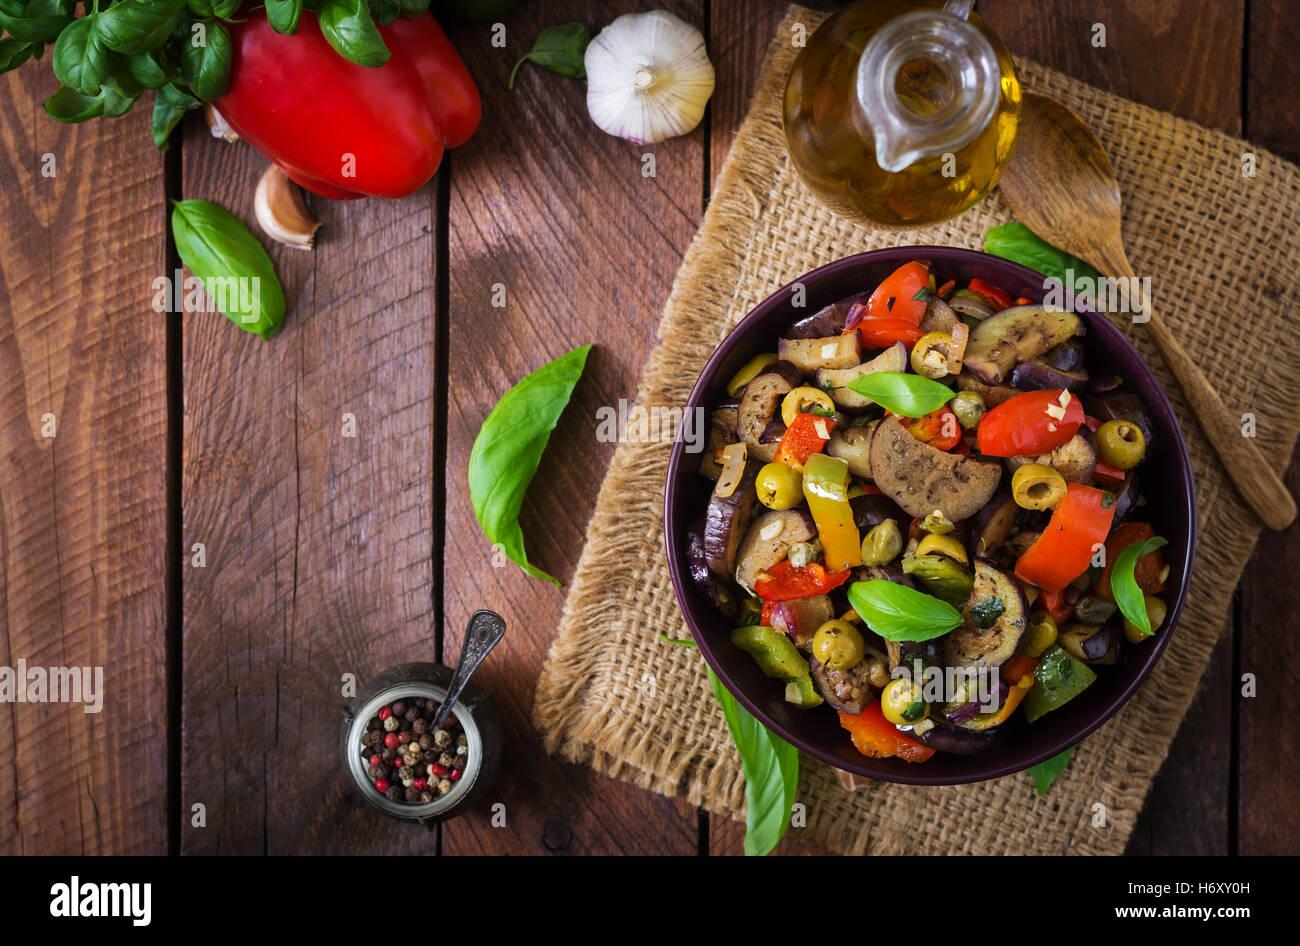 Petites aubergines ragoût épicé, poivrons, olives et câpres avec des feuilles de basilic. Vue Photo Stock